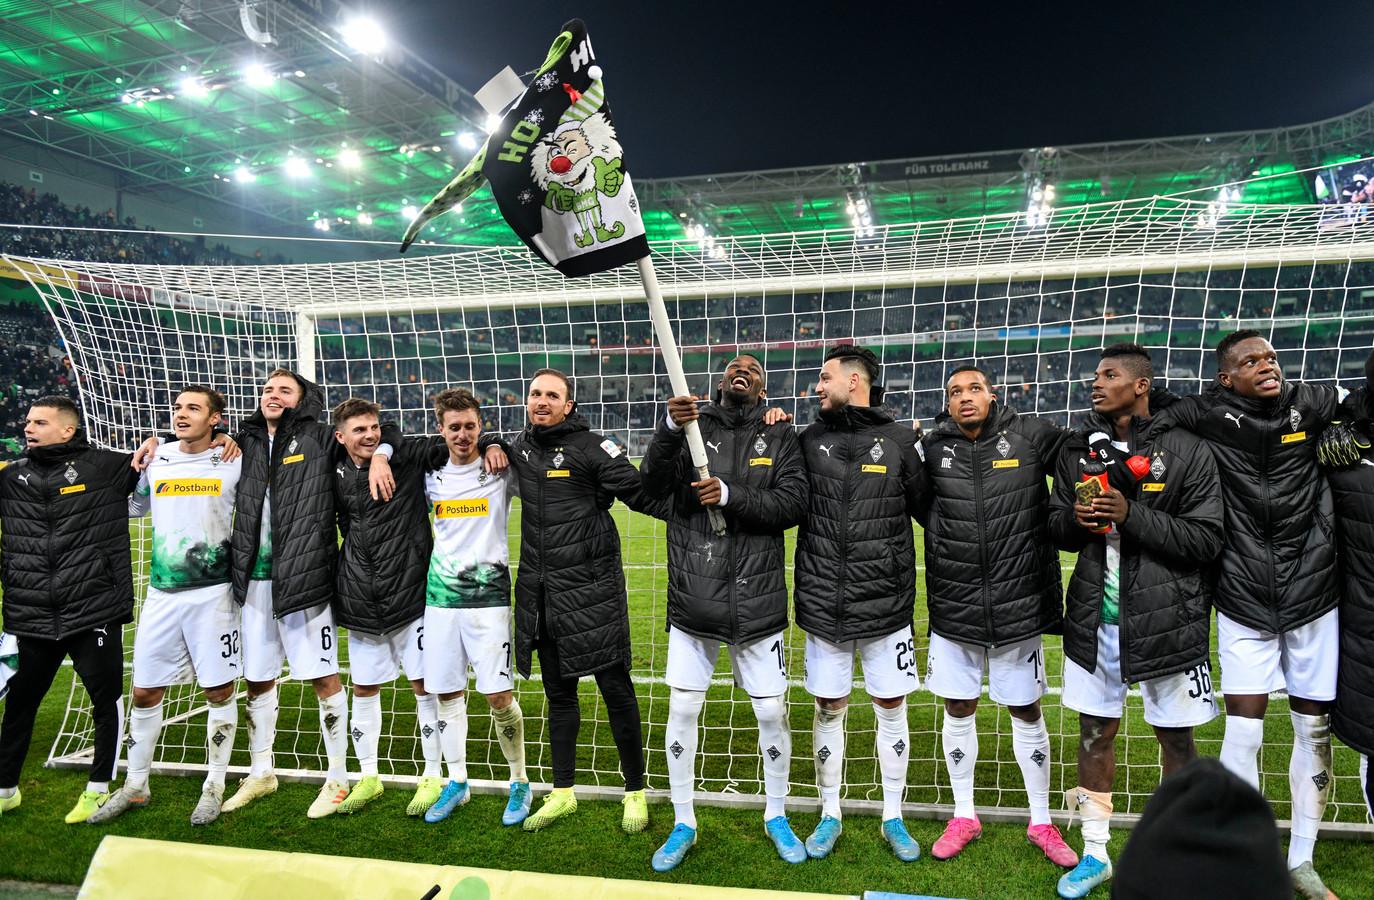 De eerste plek wordt gevierd met de supporters.